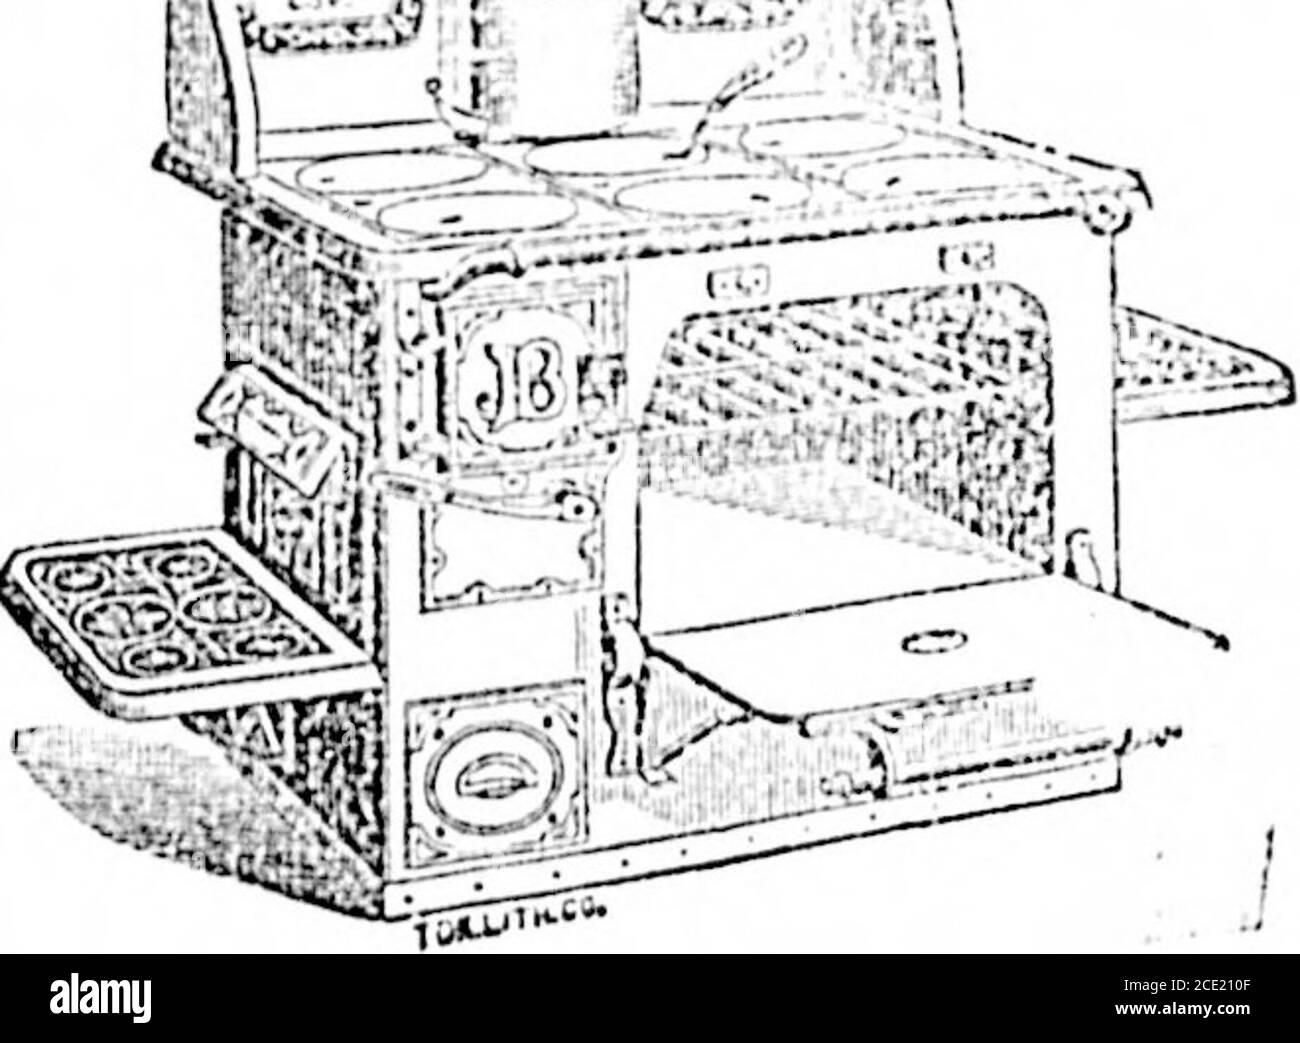 . Diario Colonist (1892-11-23) . NOTIObS. KOOTE el sitio de la ciudad de Lardeau, situado en el brazo noreste del lago de la flecha superior, y el punto de entrada a los ricos distritos Mineros de Lardeau y Fish Creek, se colocará en el mercado en el curso de la próxima quincena. Al norte, sur y este de la ciudad de Lardeau se ha localizado y desarrollado algunas minas de oro y plata extremadamente ricas. Especialmente este es el caso en el país Lardeau, donde los bordes son más grandes y los ensayos en Oro y Plata mayores que los de cualquier otra sección MiningSection de Kootenay. Completo:: Detalles:: Voluntad: Mentira:: AnnouDce Foto de stock